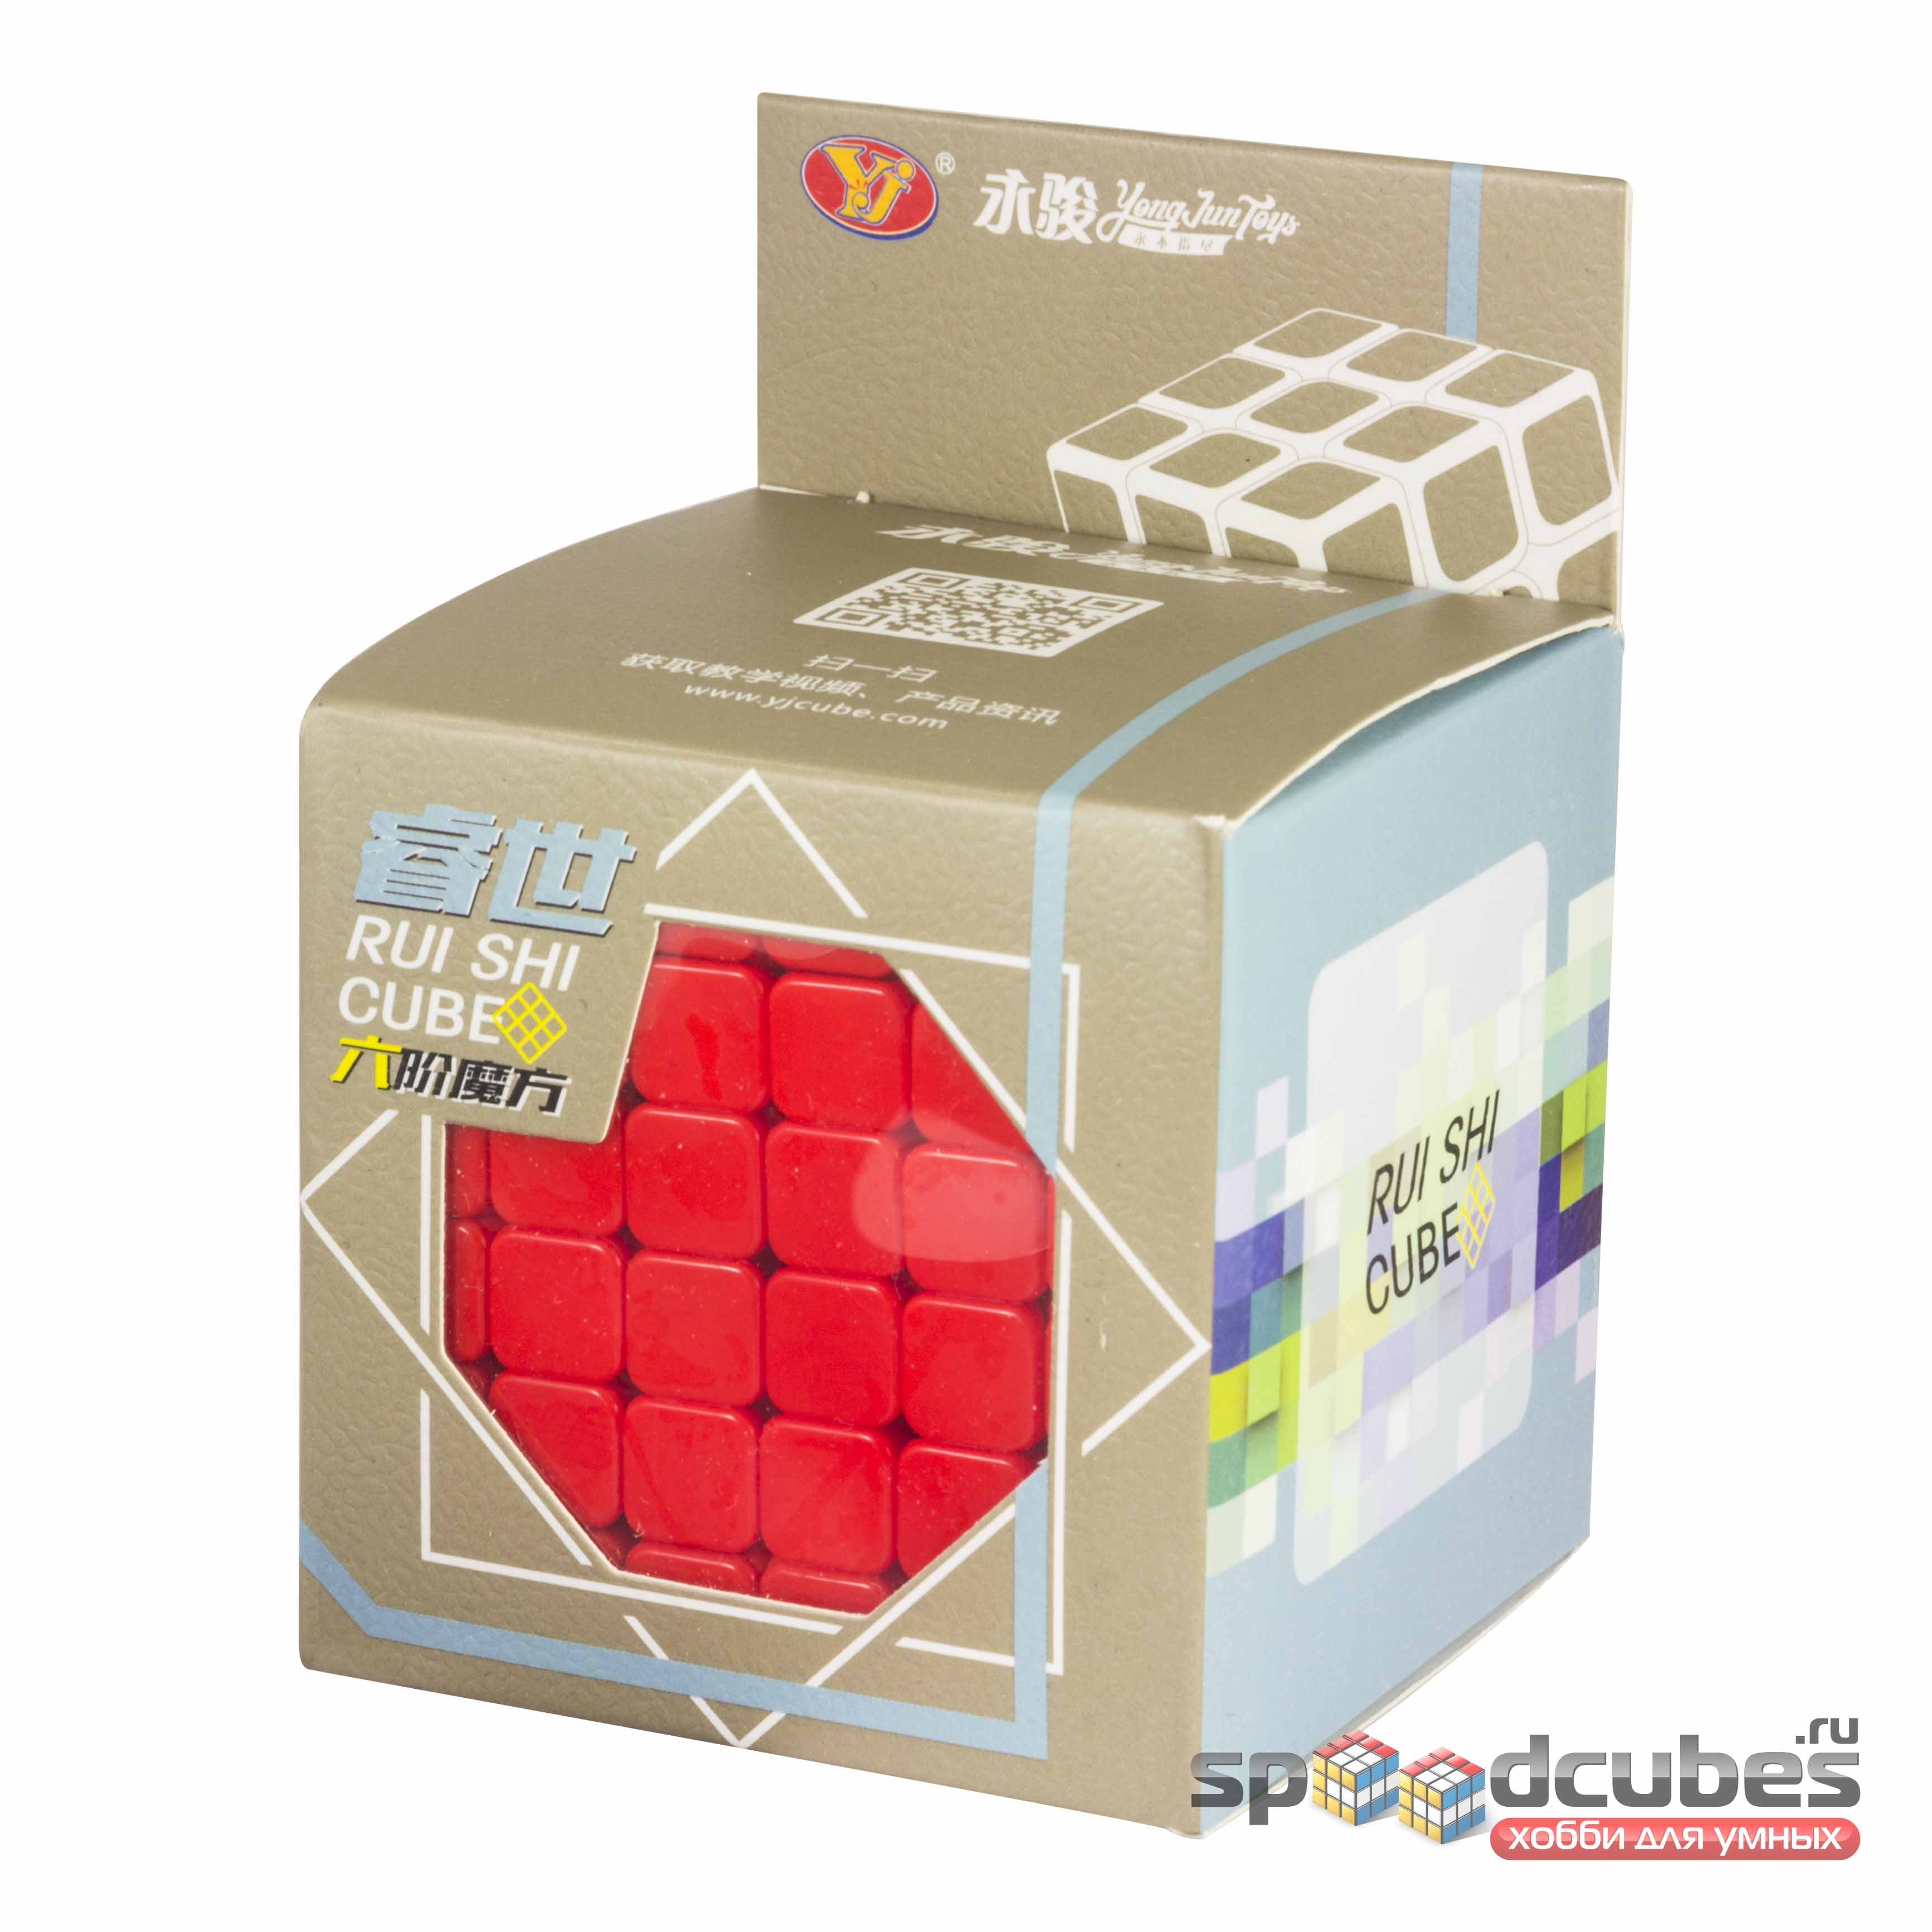 YJ 6x6x6 RuiShi (цв) 1